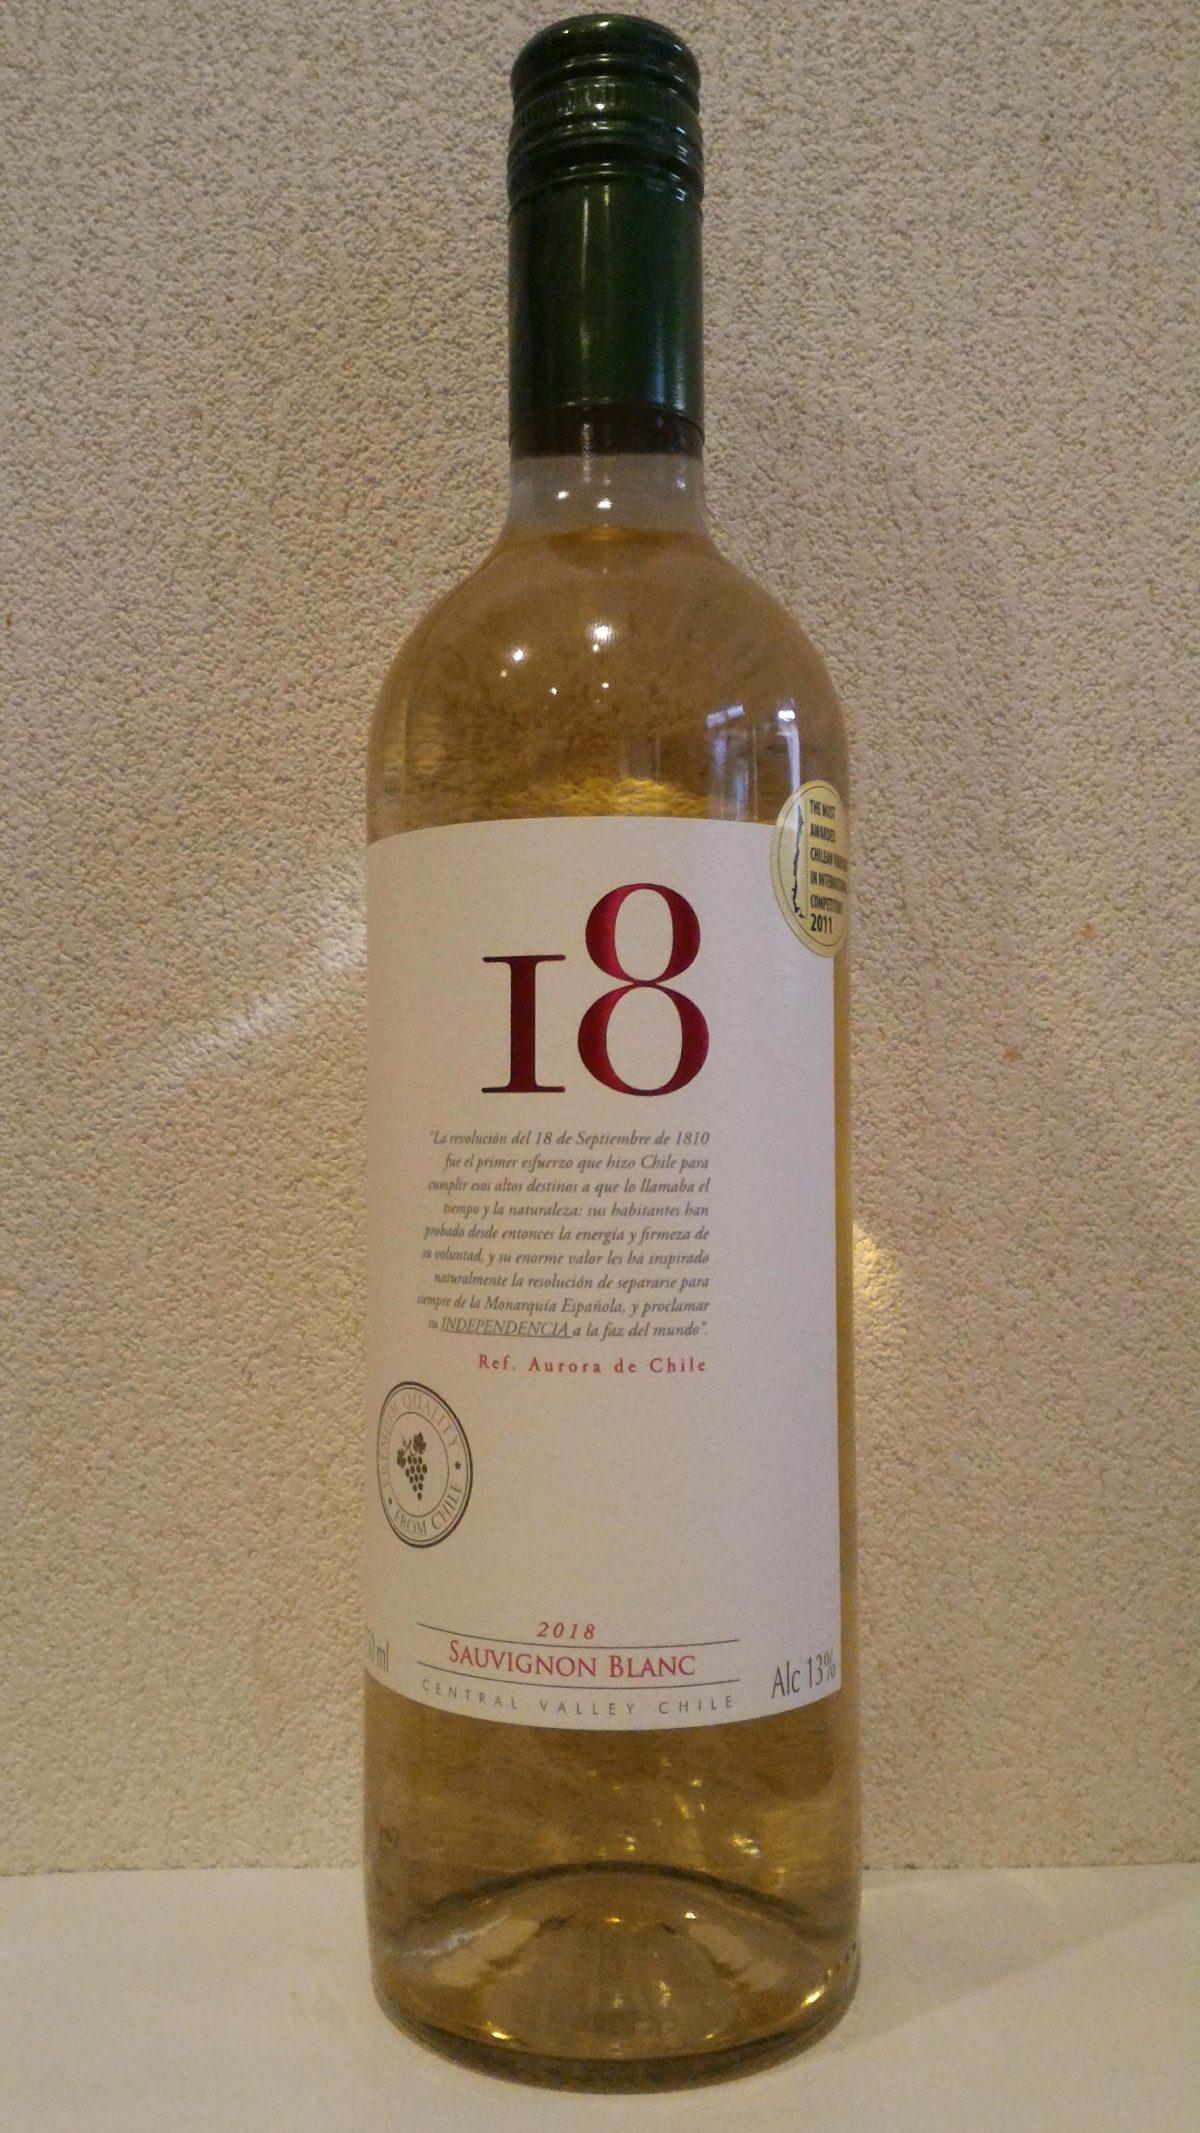 1000円以下で愉しむワイン「エイティーン ソーヴィニヨンブラン」